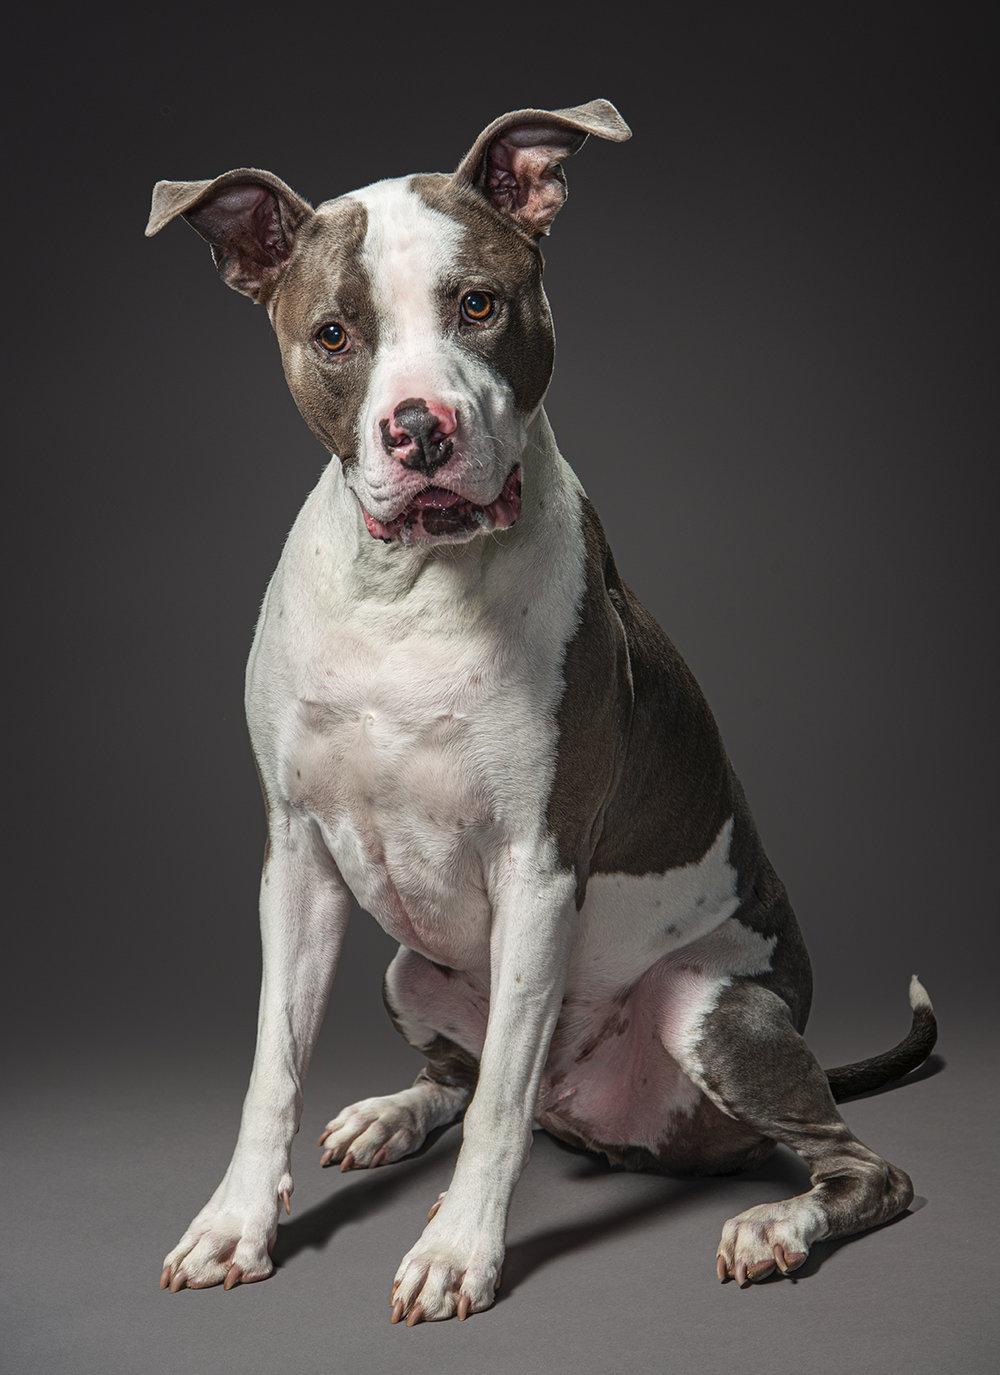 Dog_Portraits_Gunnar_1.jpg